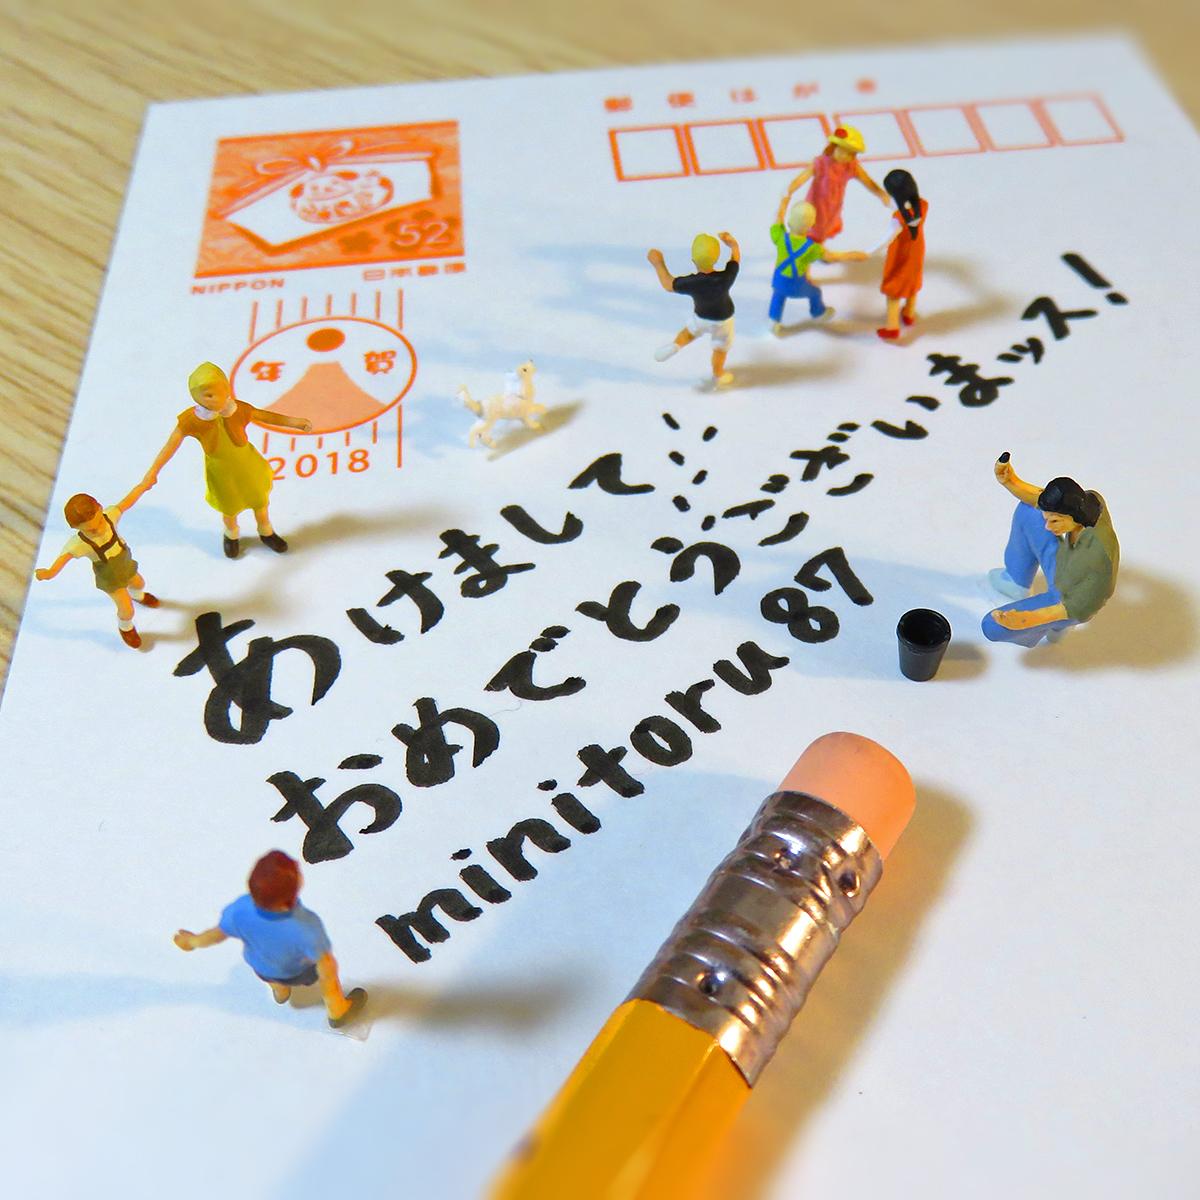 あけましておめでとうございまッス!年賀状に文字を書く人と遊ぶ子供と犬